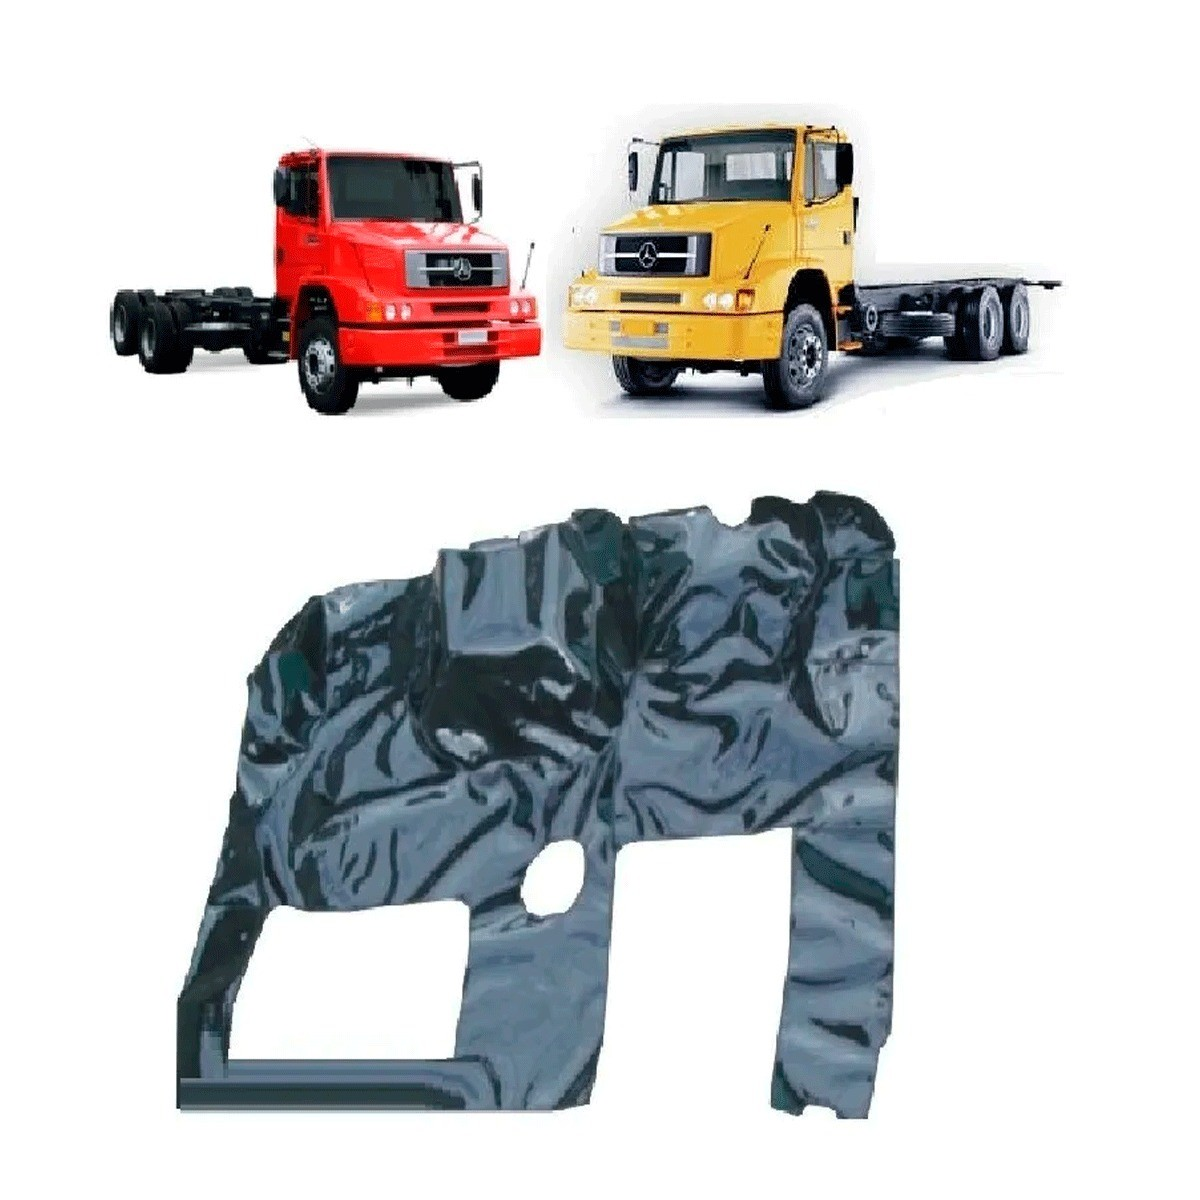 Tapete Carpete Assoalho Vinil Verniz Caminhão Mercedes 1620 até 2011 Grafite